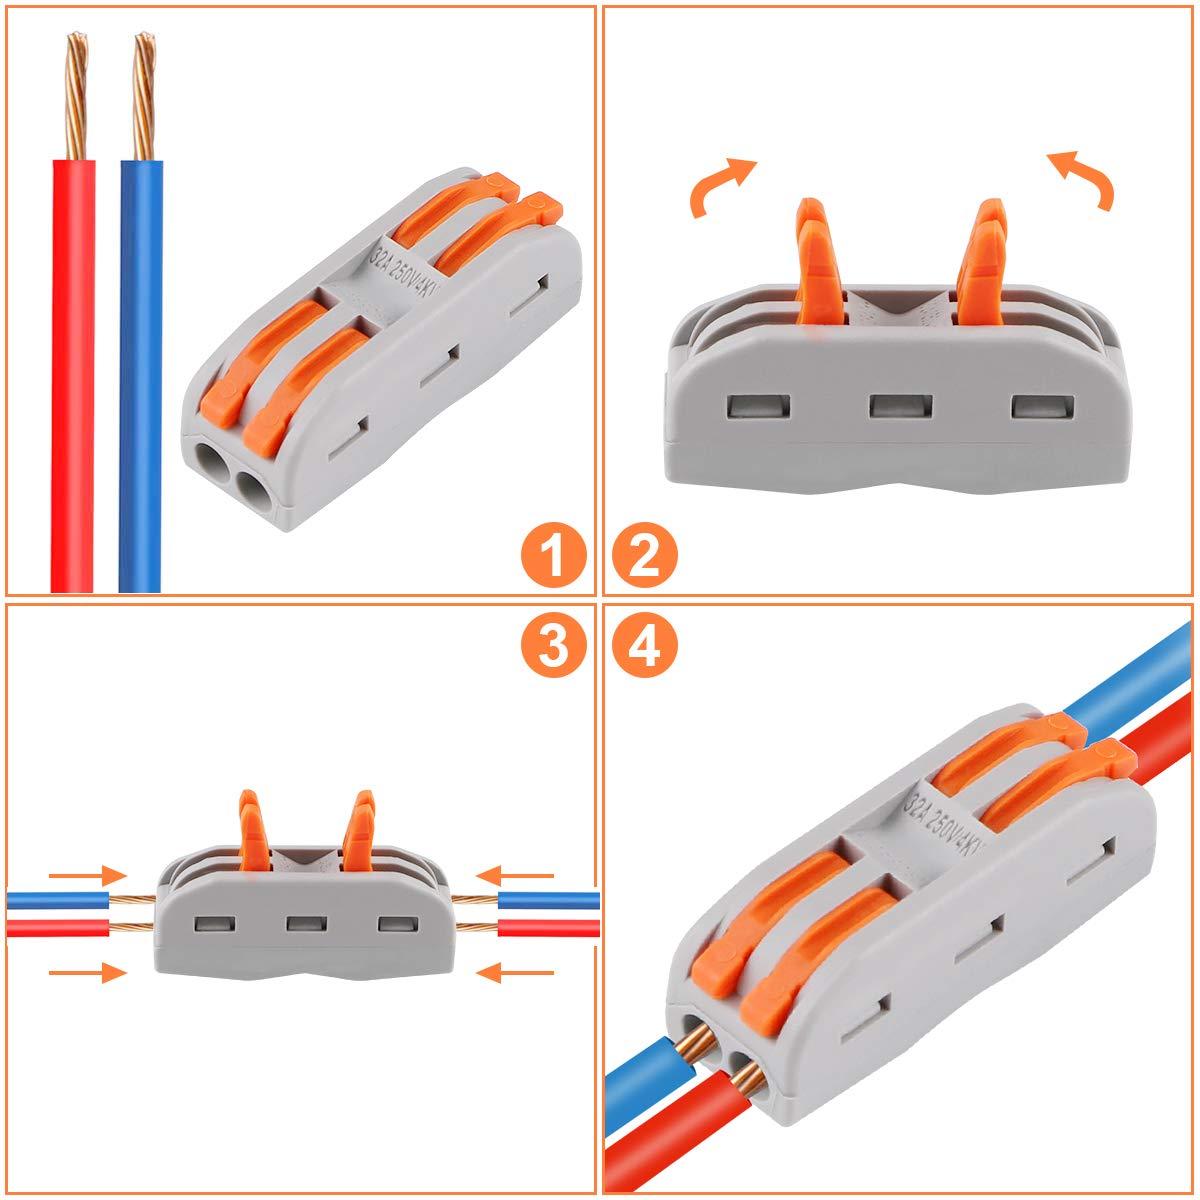 20 Pcs Conectores de Cable compactos Palanca Tuerca Cable Conector Bloque de Terminales Surtidas Conector SPL-2 10Pcs, SPL-3 10Pcs